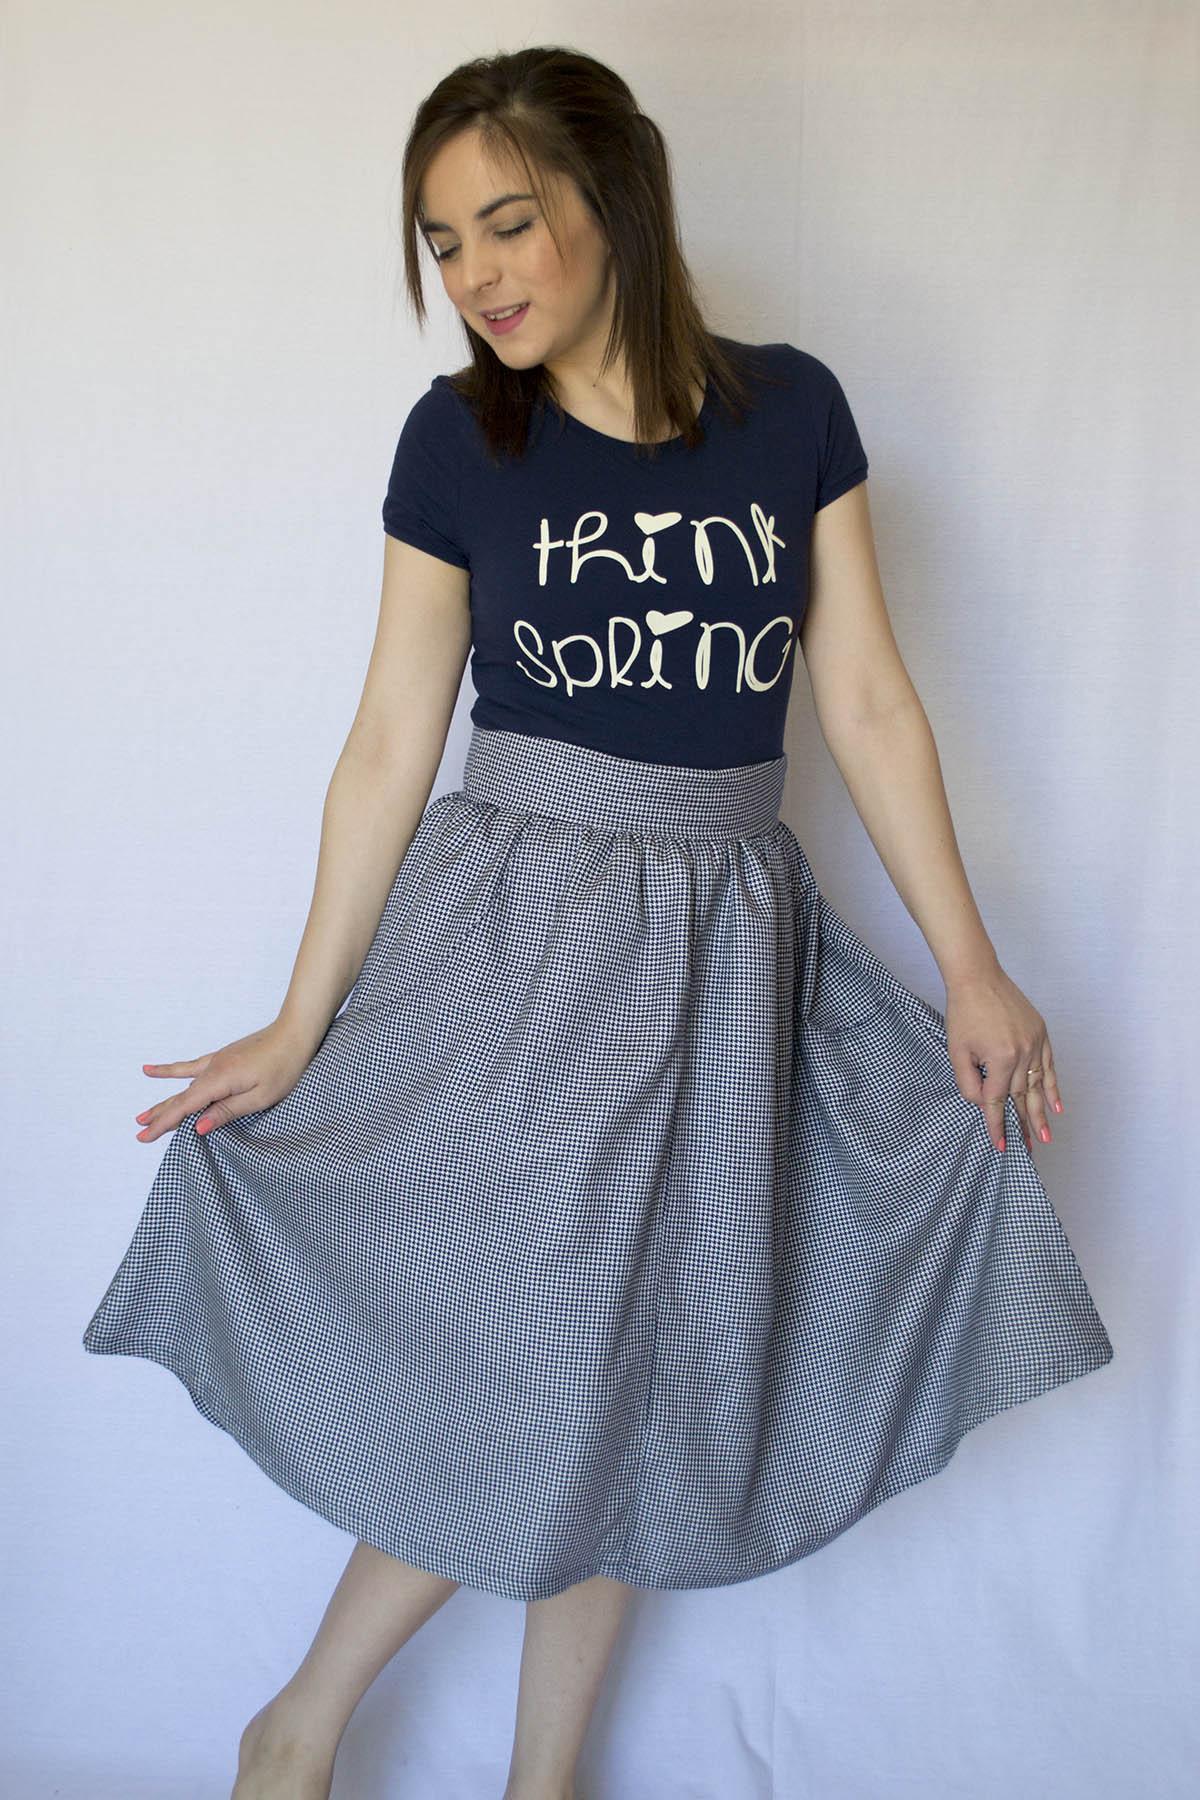 My Brumby Skirt by Megan Nielsen